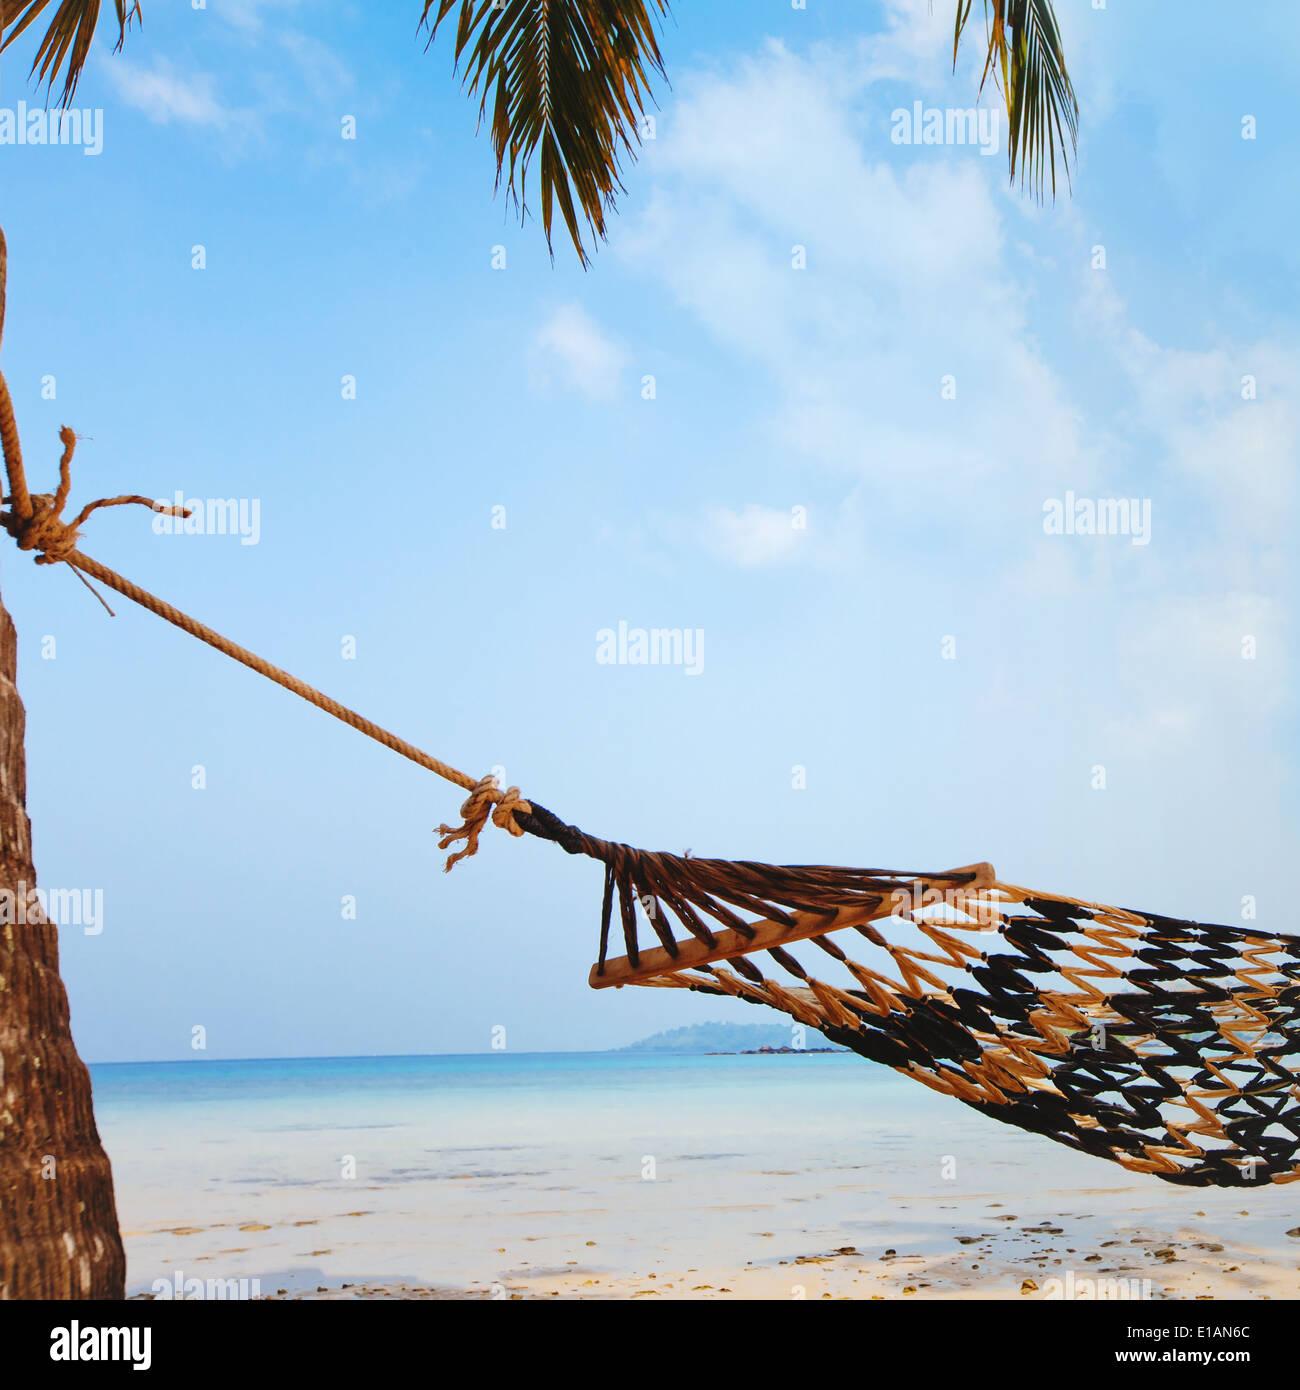 Relajarse en la hermosa playa tropical, vacaciones Imagen De Stock